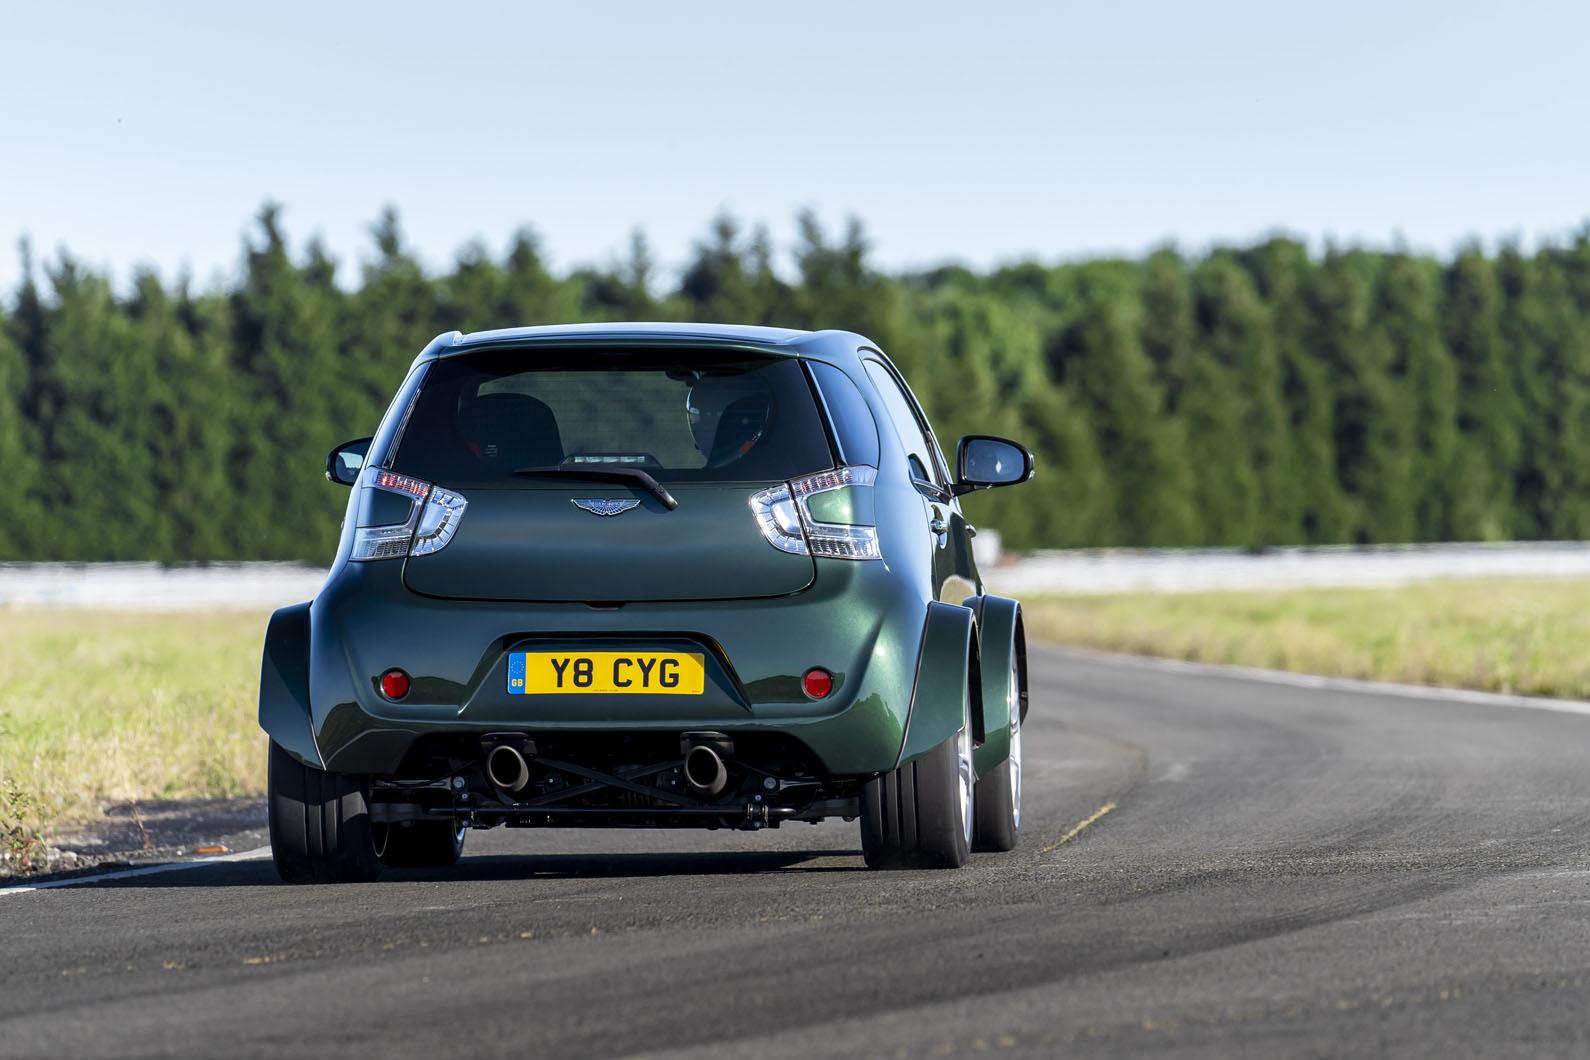 V8 Aston Martin Cygnet revealed | Autocar